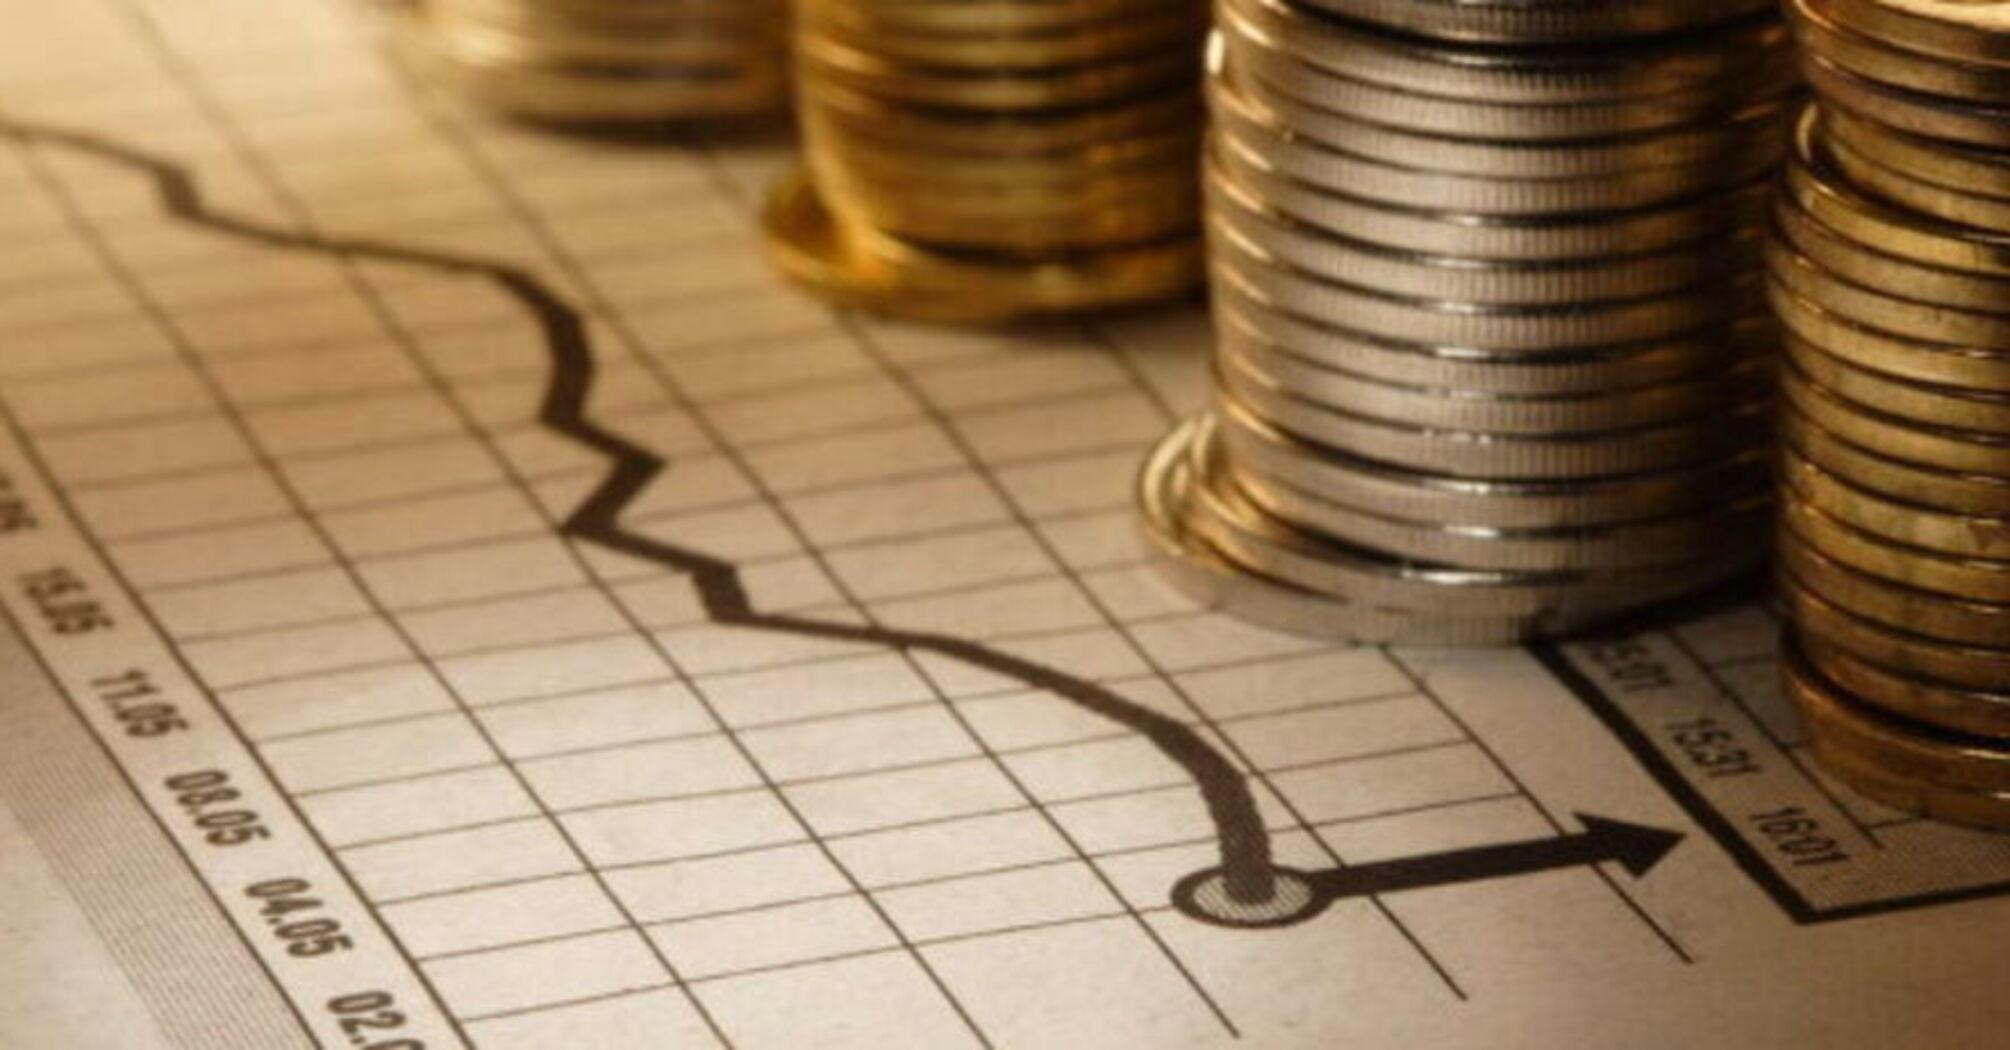 Кому в Україні платять більше 50 тисяч гривень: названі найбільш високооплачувані вакансії